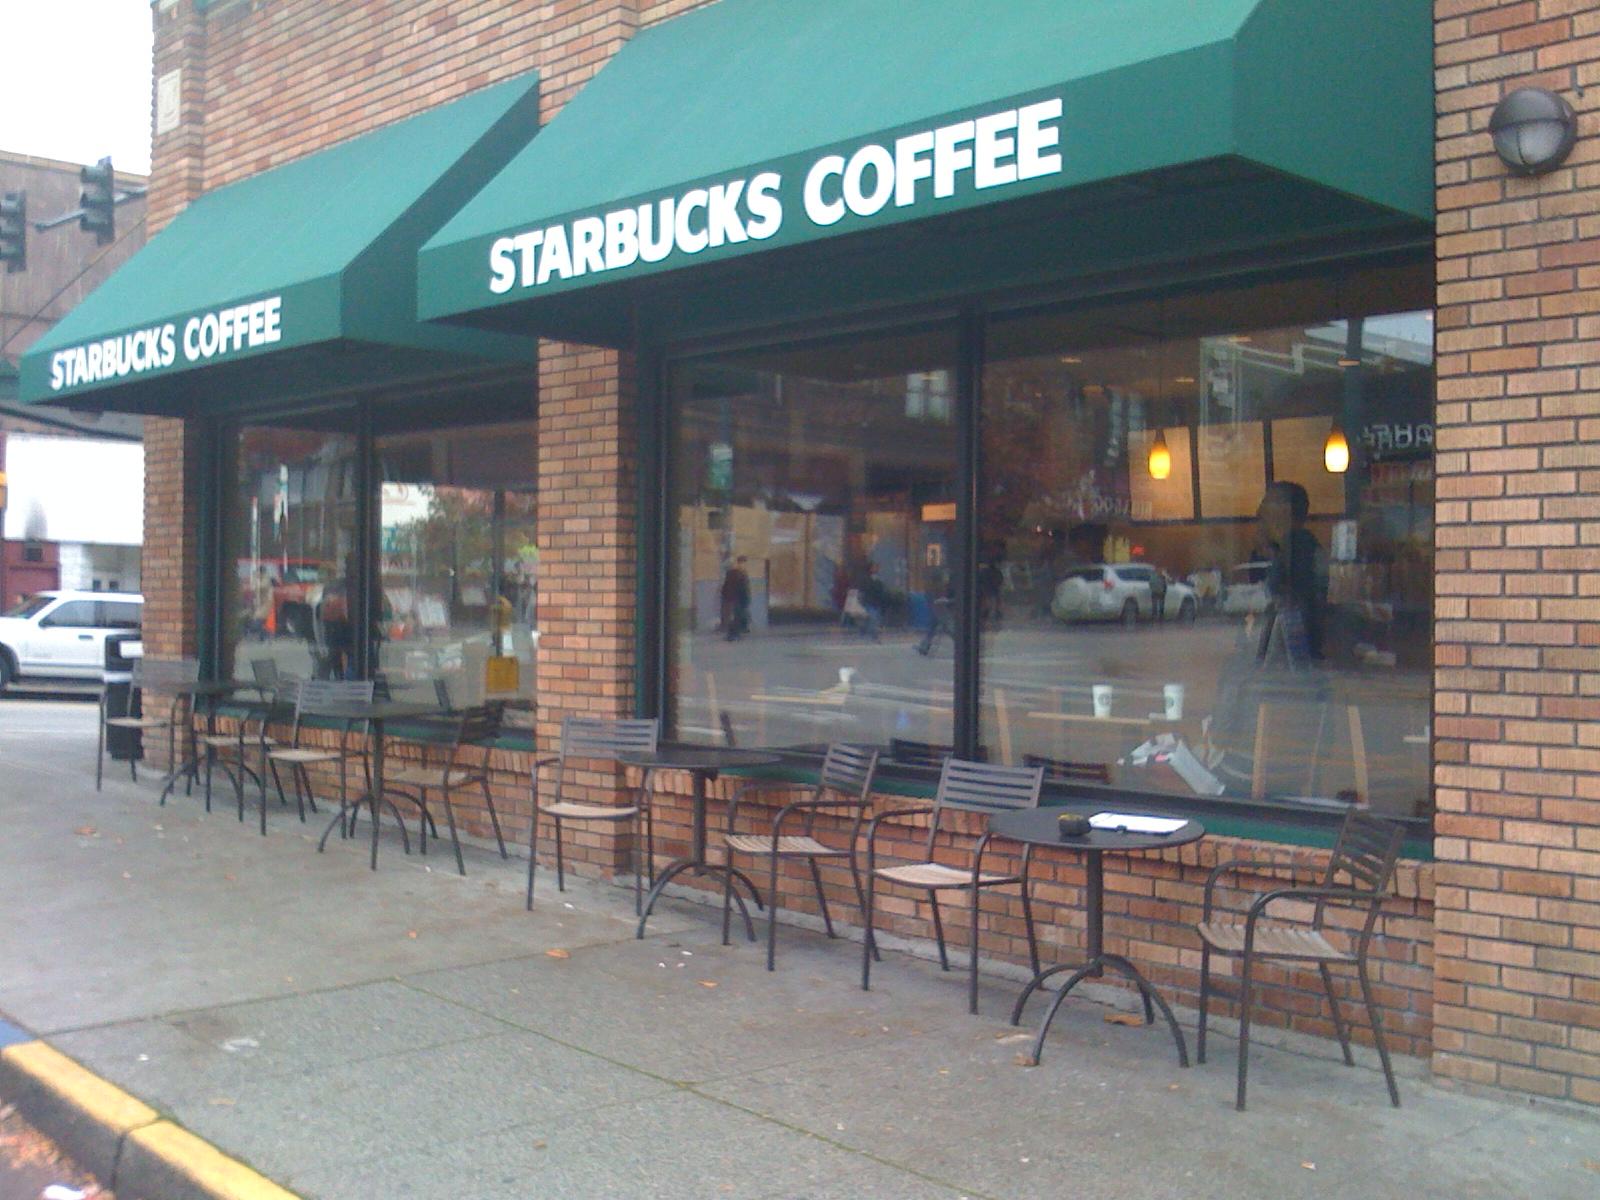 2133929_142789203433_Starbucks-Stores-004.jpg